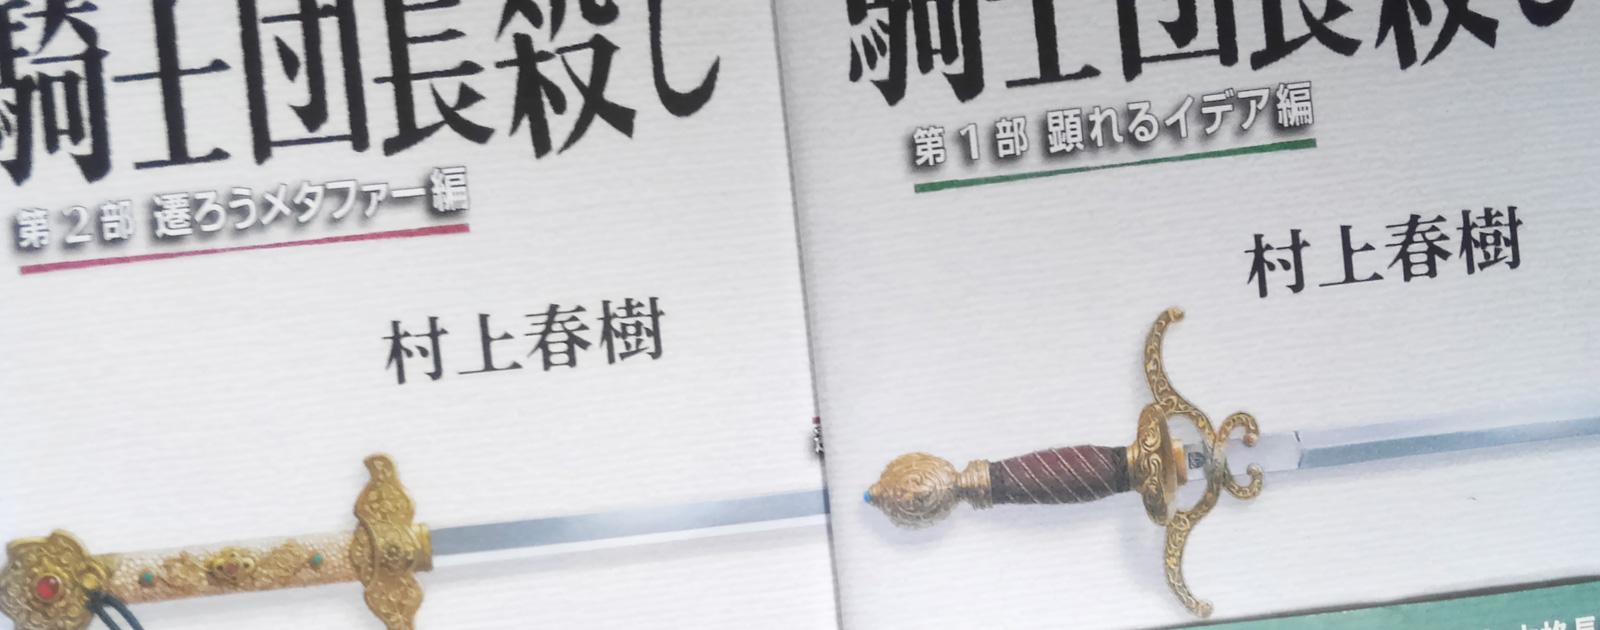 書評:村上春樹「騎士団長殺し」